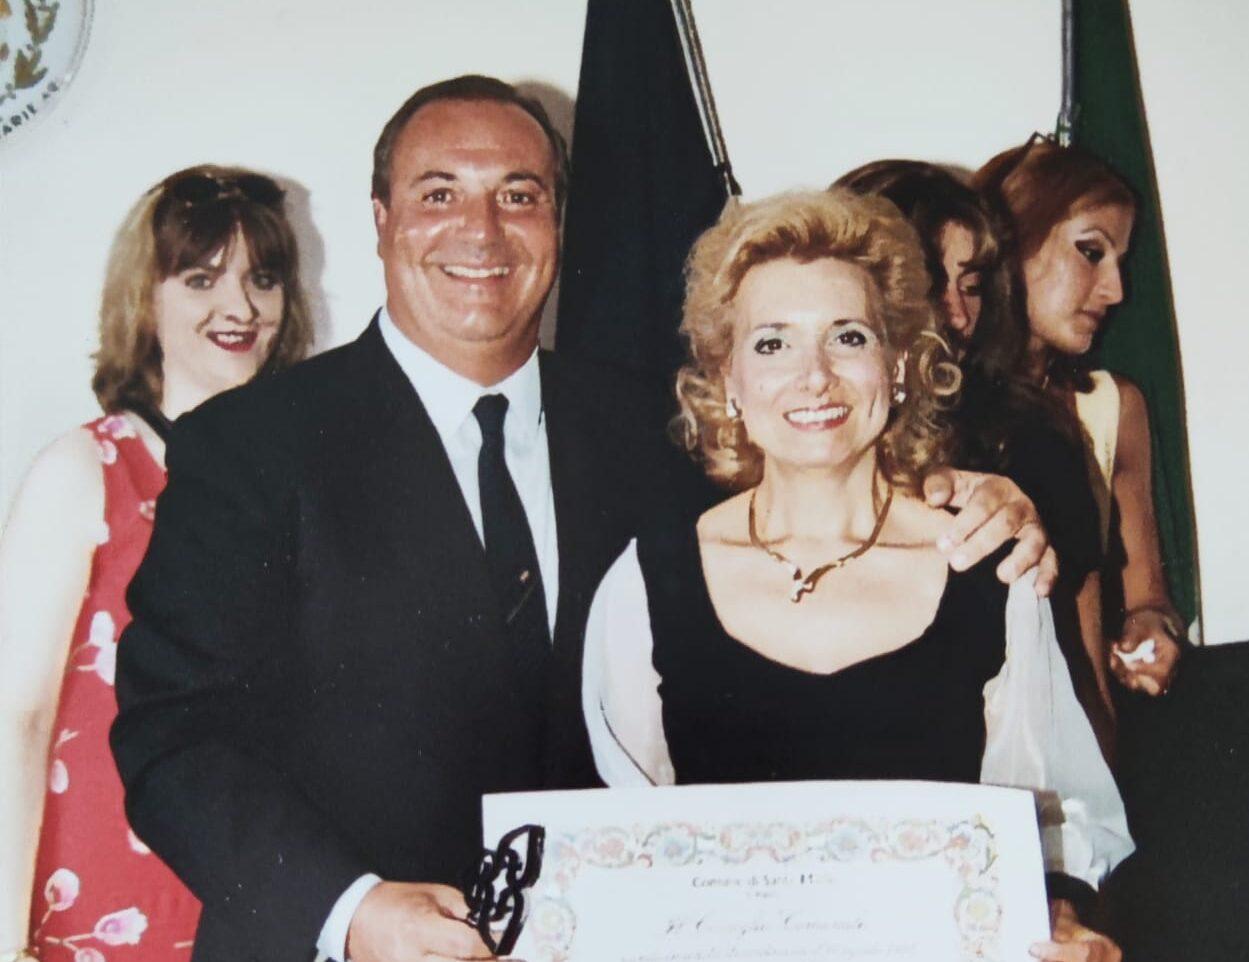 Addio a Giorgio Gatti, il baritono cittadino onorario di Sante Marie